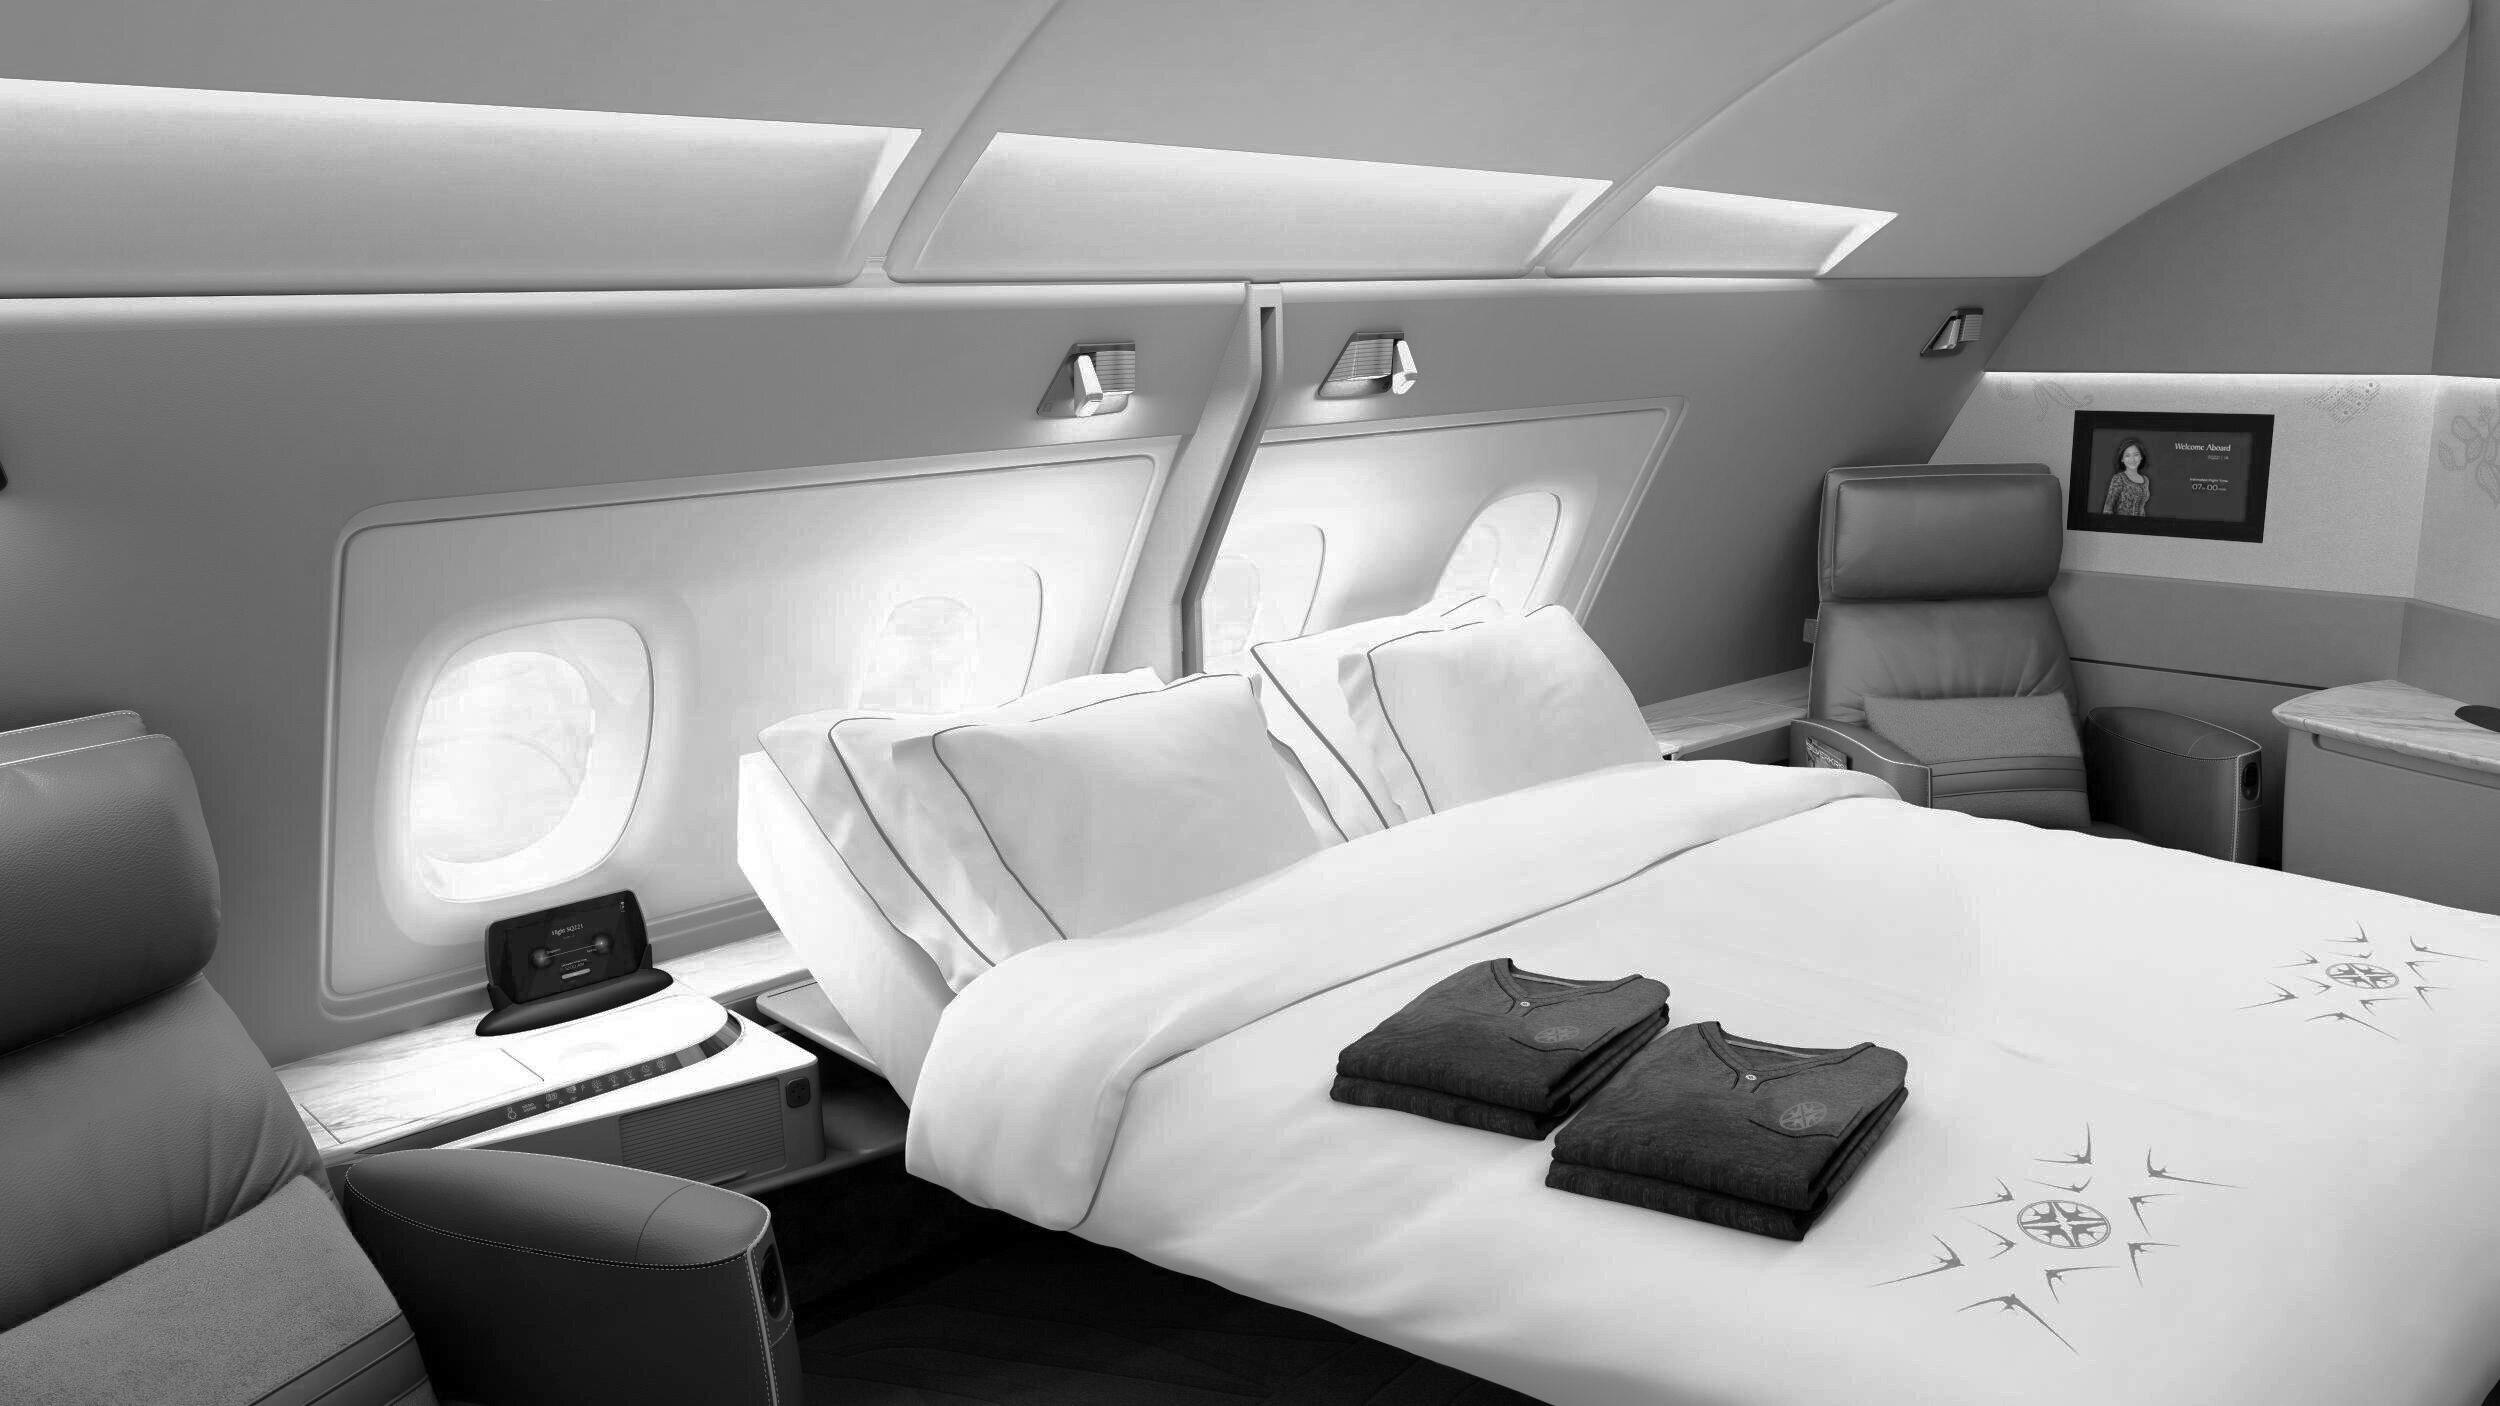 singapore-airline-suites-02.jpg